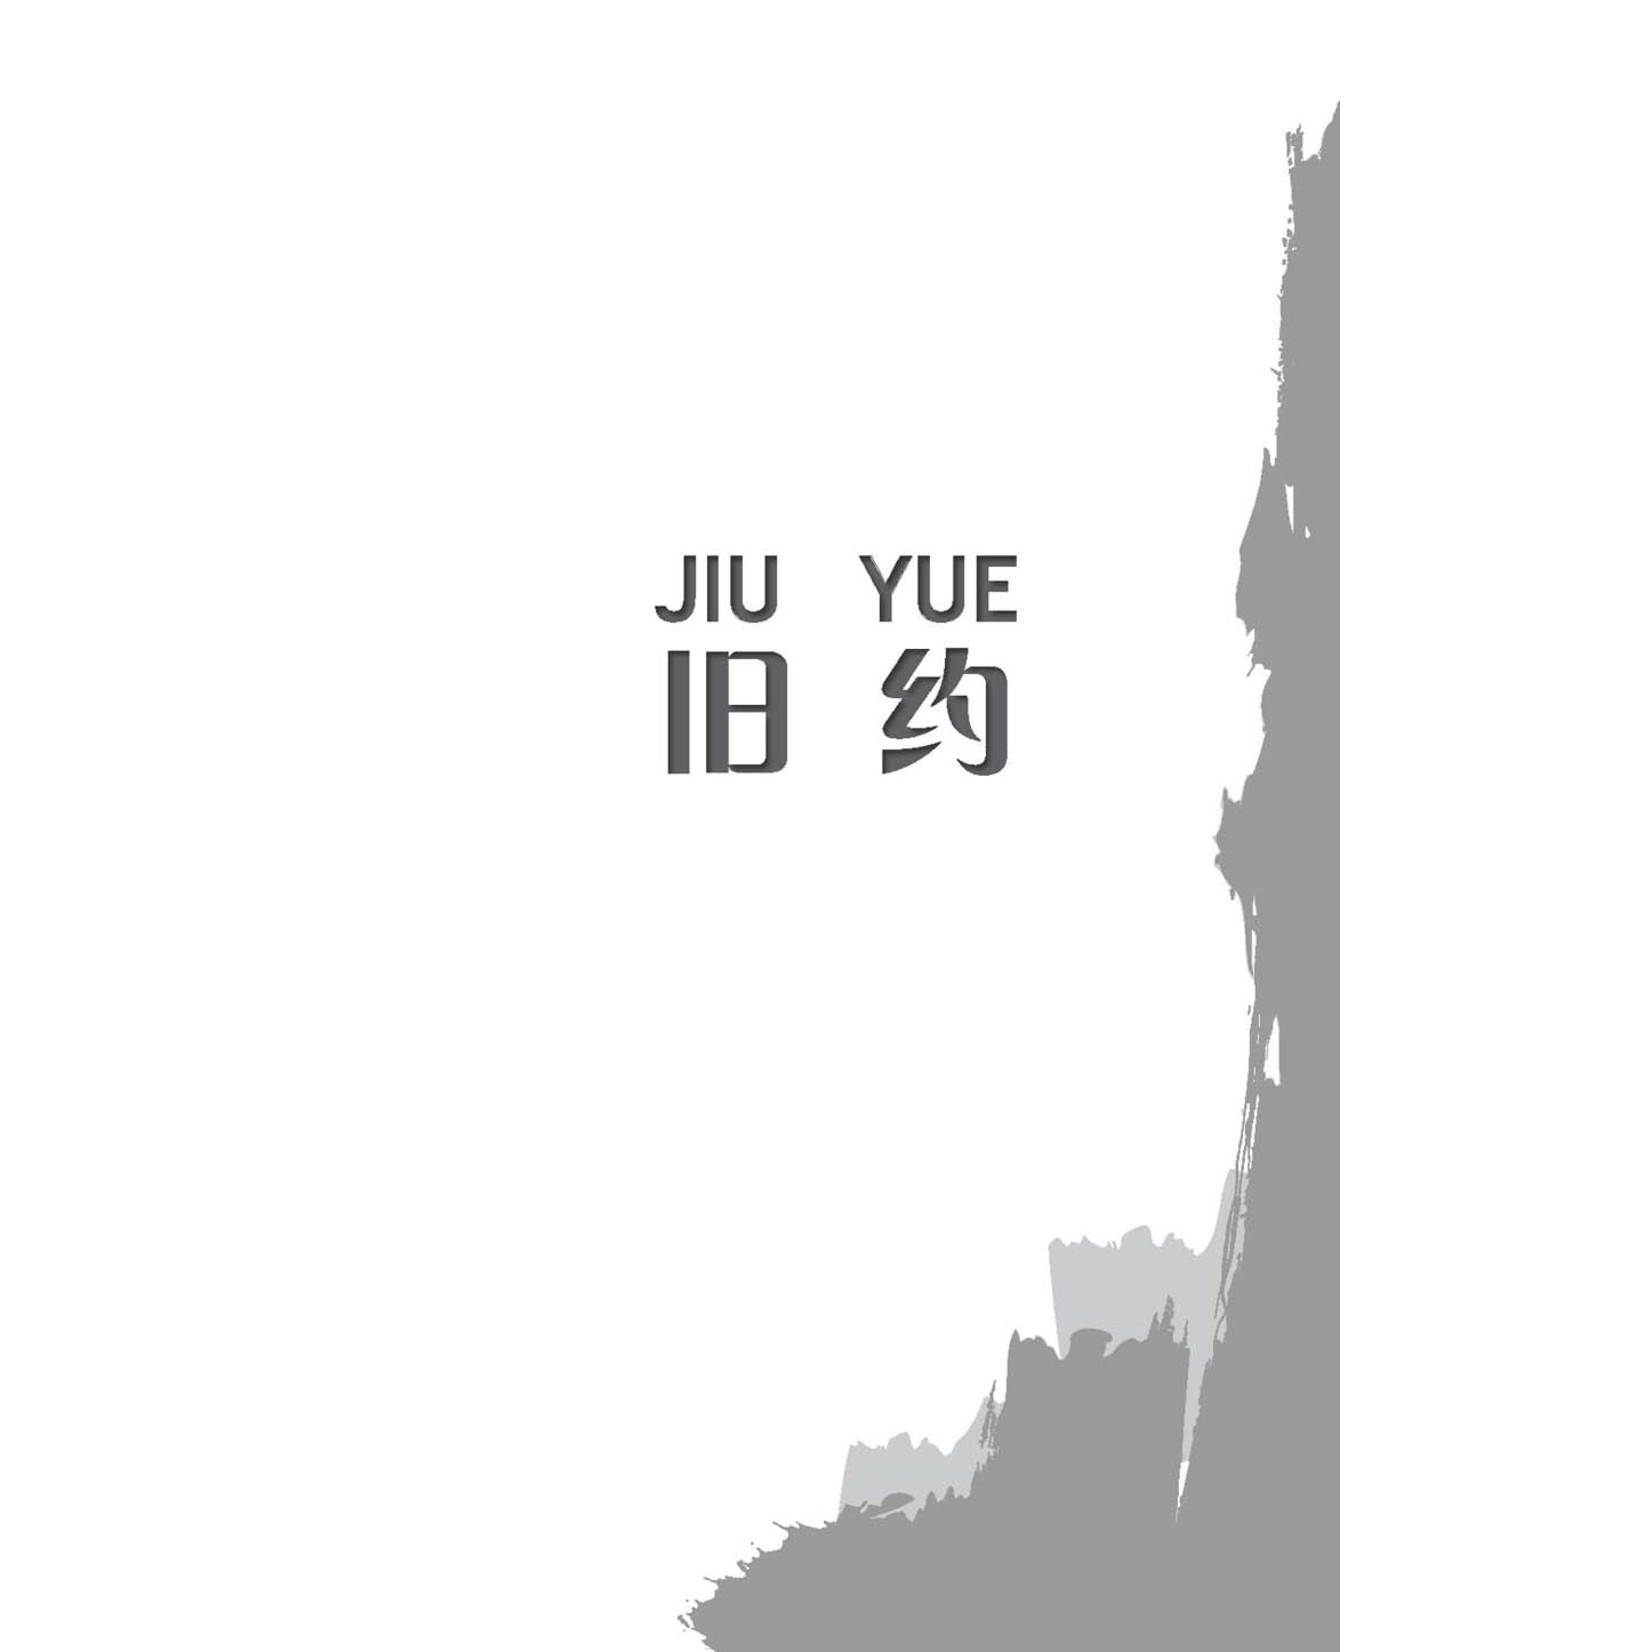 漢語聖經協會 Chinese Bible International 圣经.新普及译本.连CD.啡色仿皮面.金边(简体)